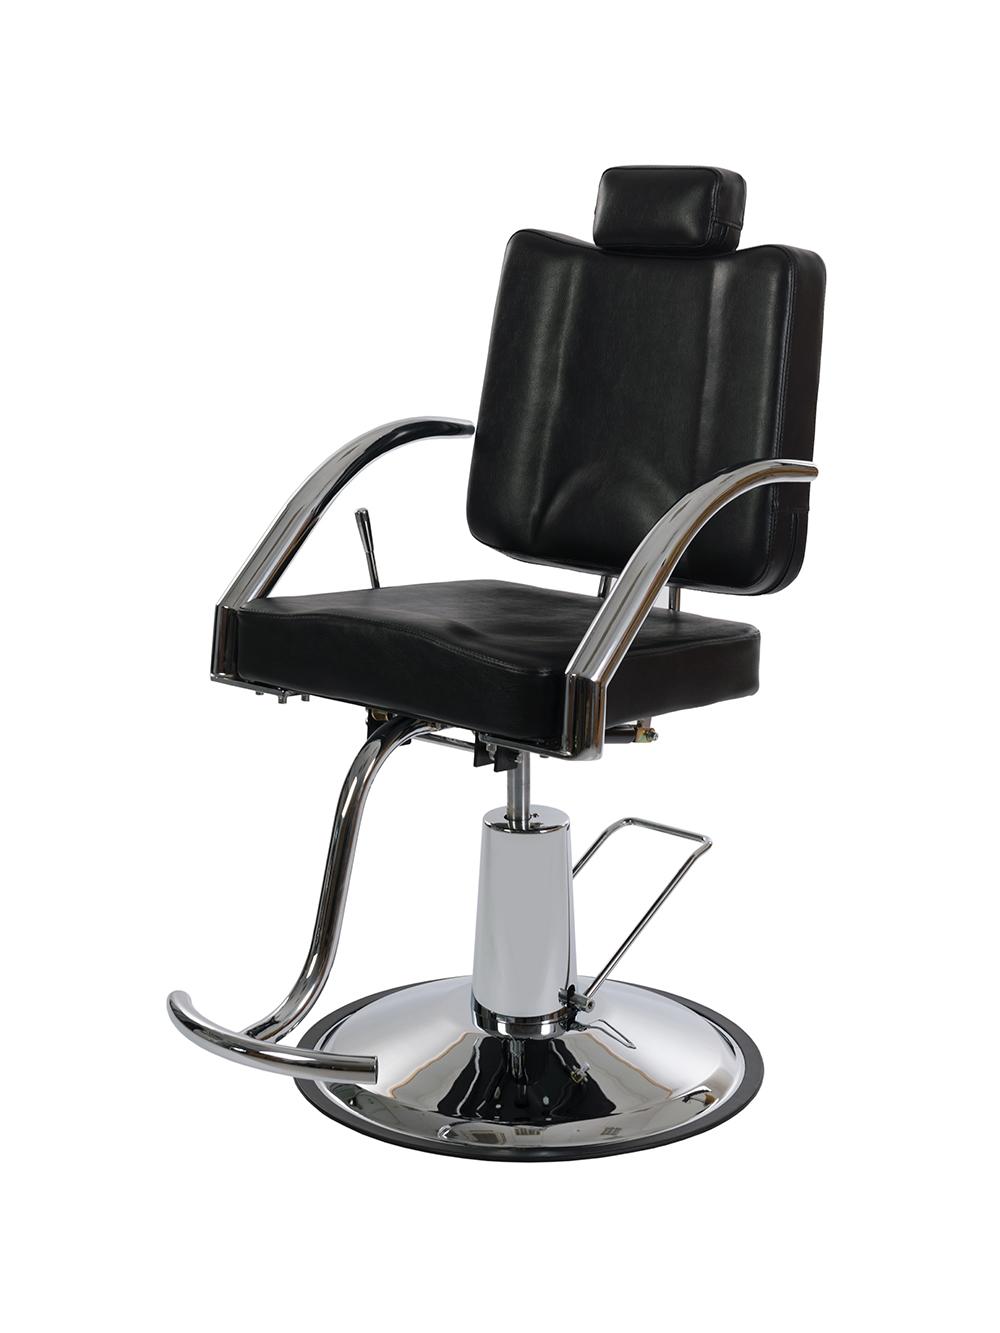 MakeUp Stol Kundstol unisex black or white